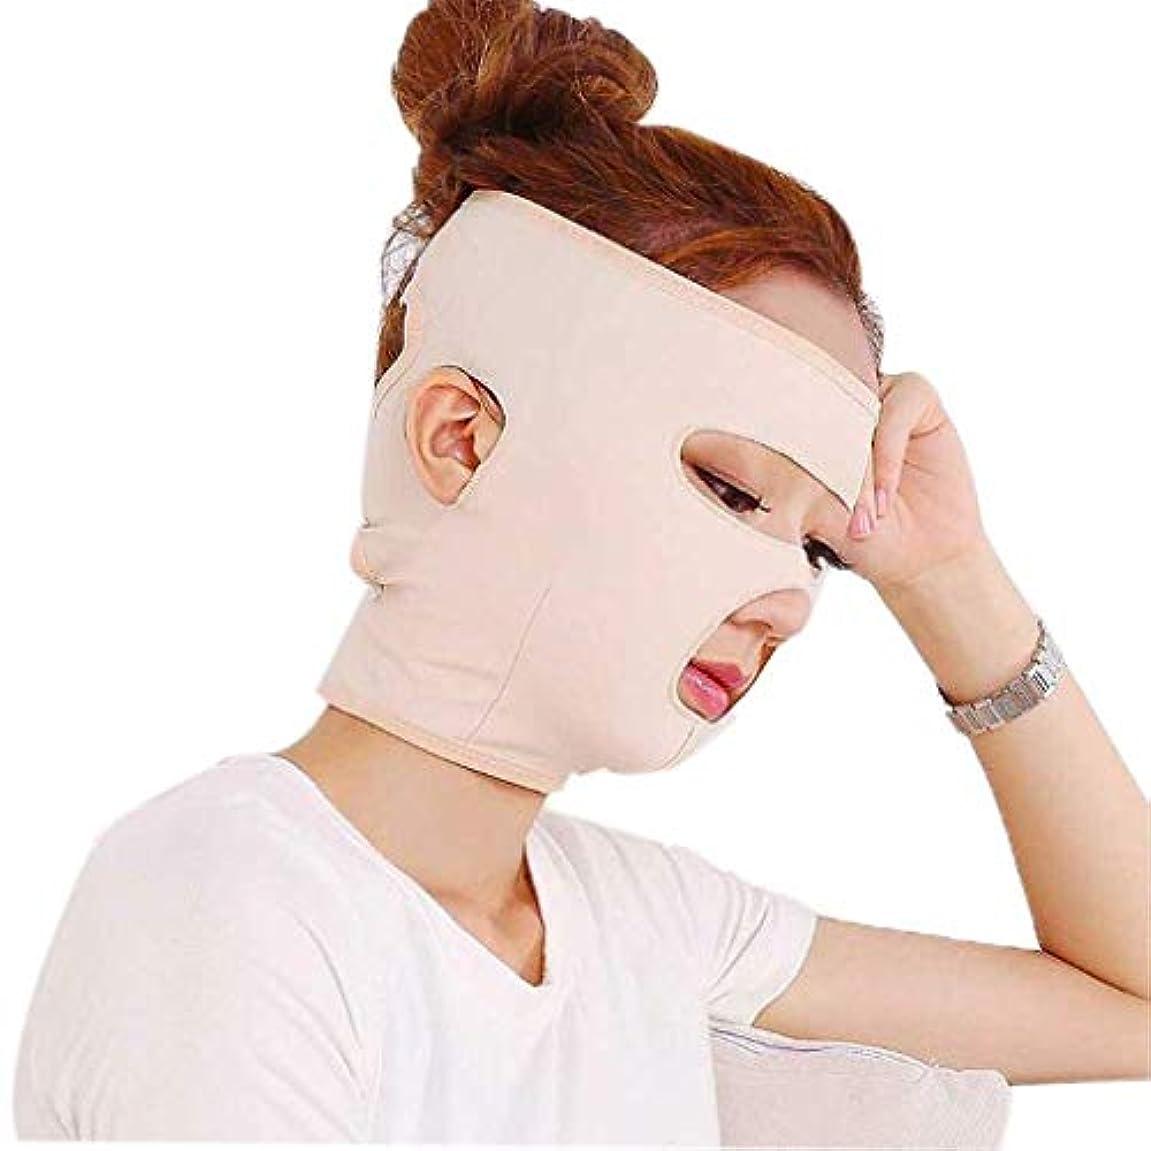 理解するリフレッシュ火フェイスリフティングマスク、フルフェイス通気性の術後回復包帯リフティング引き締め肌の減少は、小さなVフェイスマスクを作成します(サイズ:M)